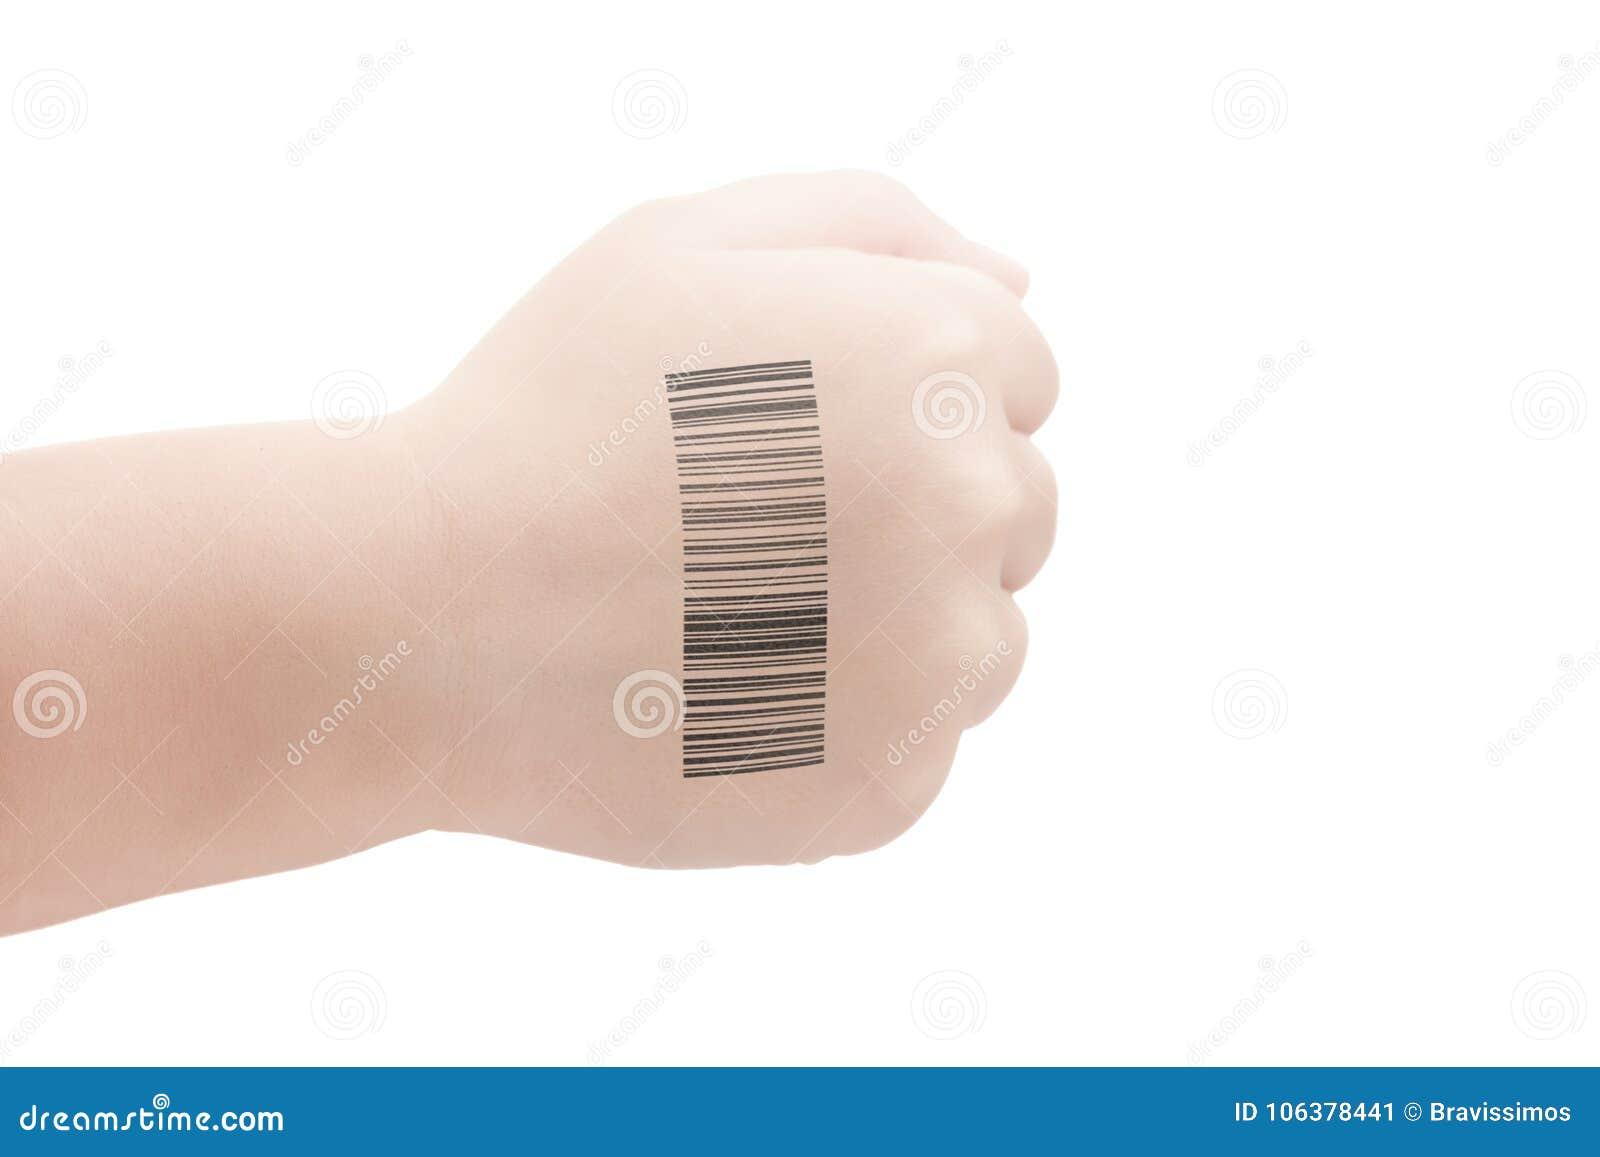 Mão da criança com código de QR de experiências genéticas Clone do ADN e do genoma humano Inteligência artificial